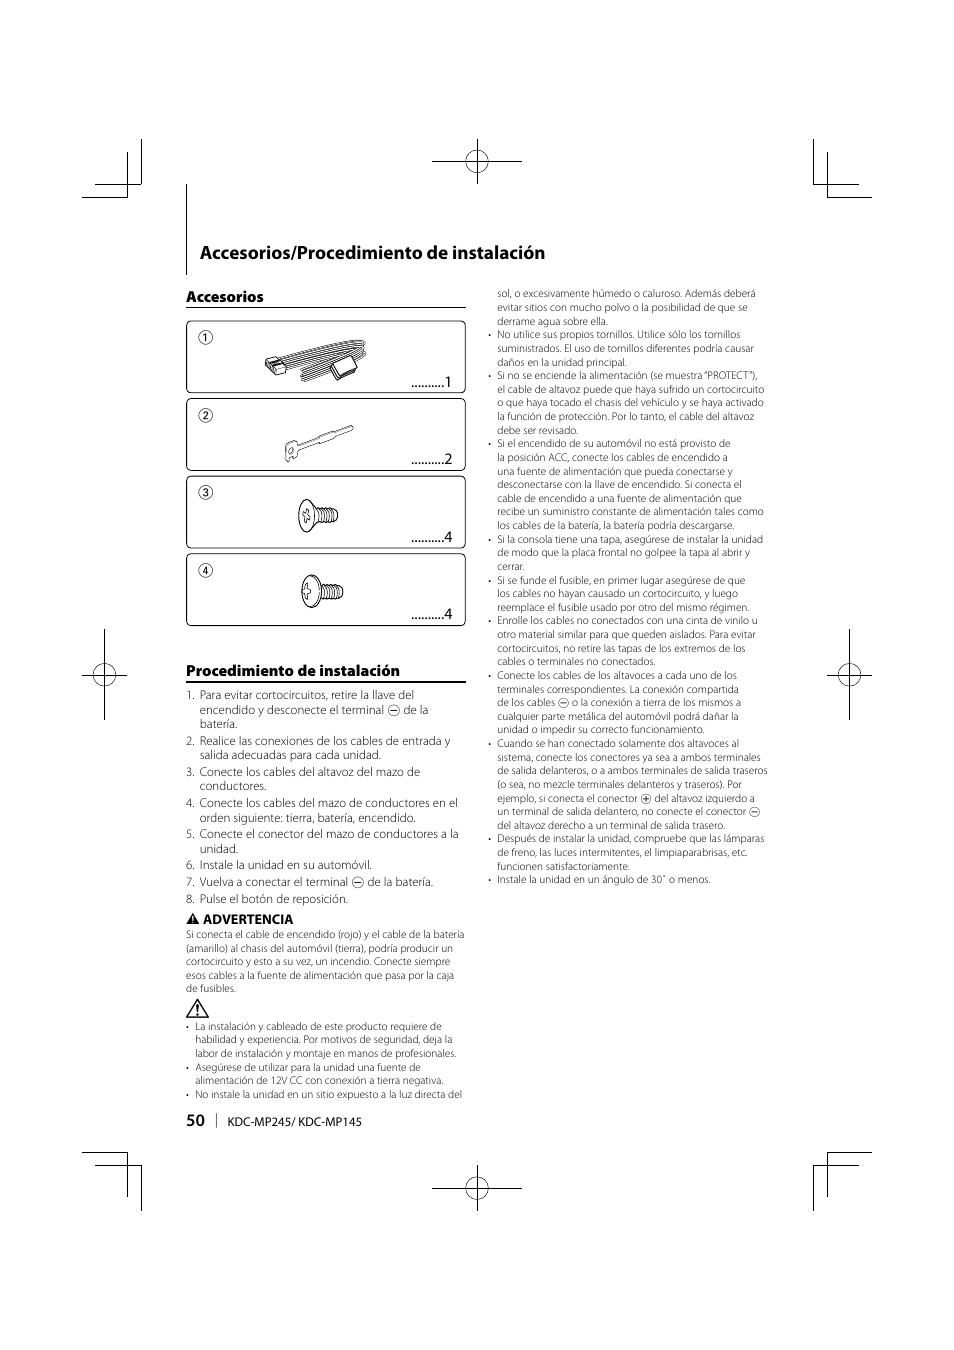 medium resolution of accesorios procedimiento de instalaci n kenwood kdc mp245 user manual page 50